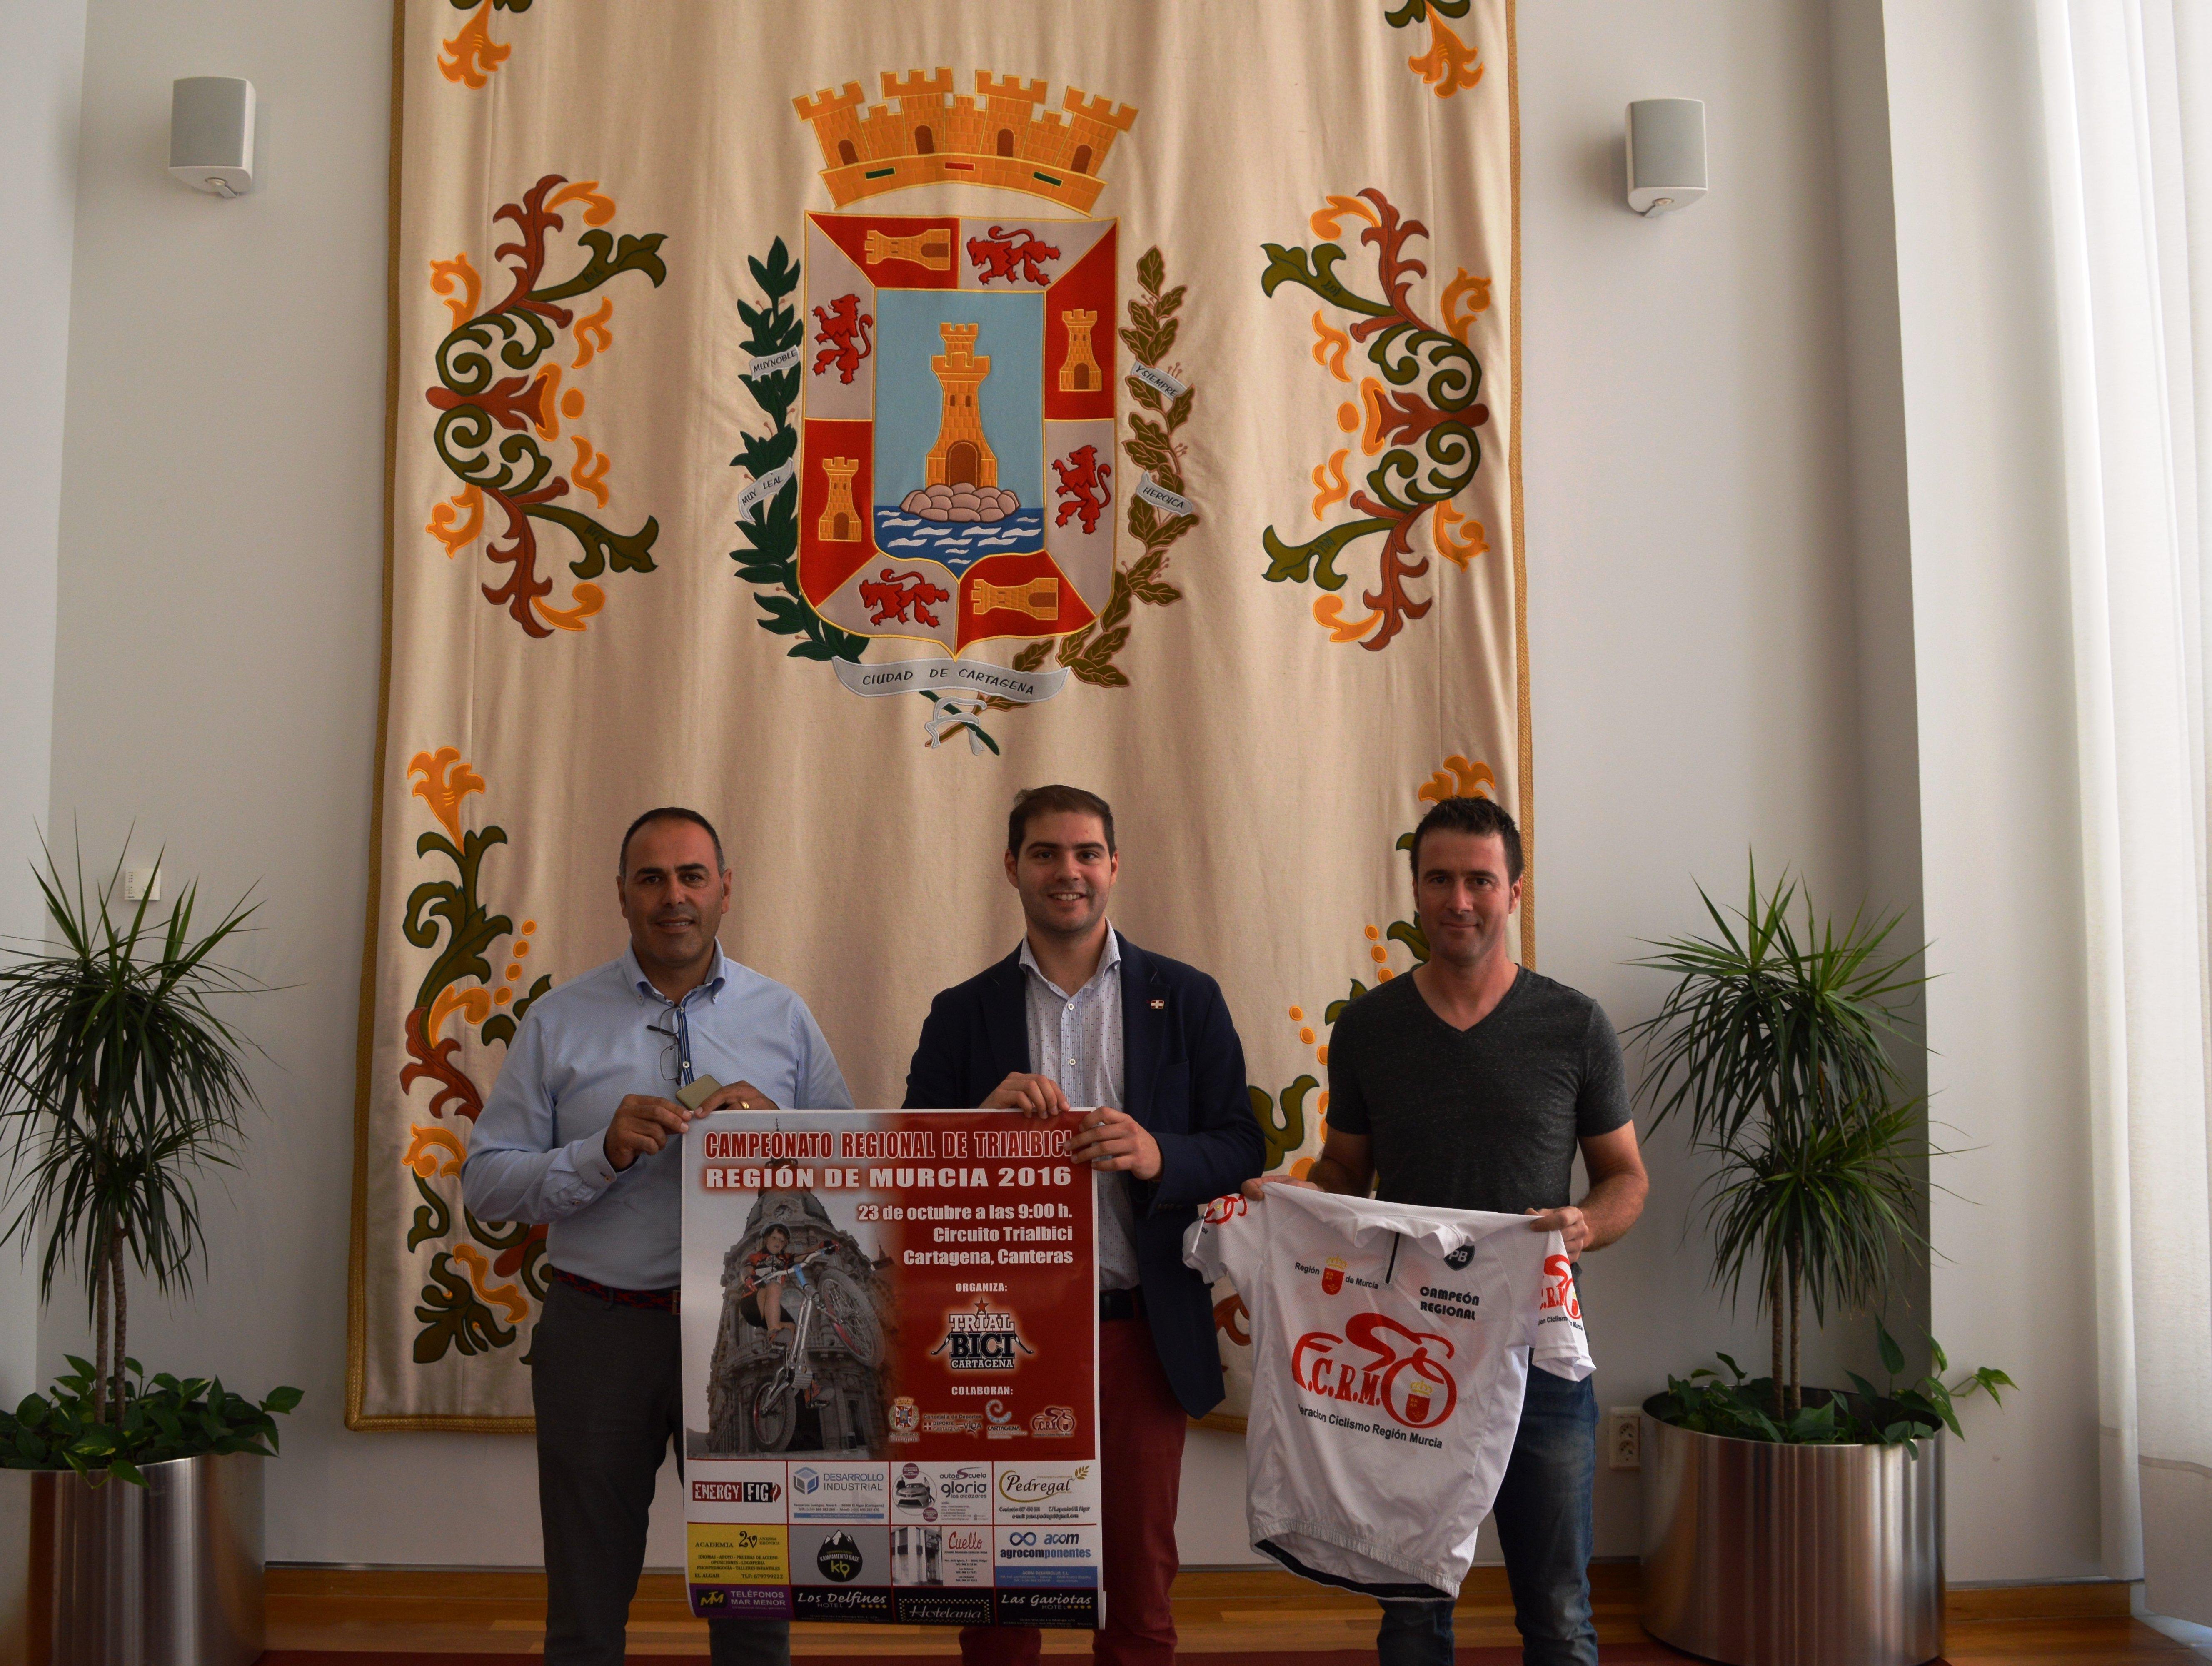 Presentación Campeonato Trialbici